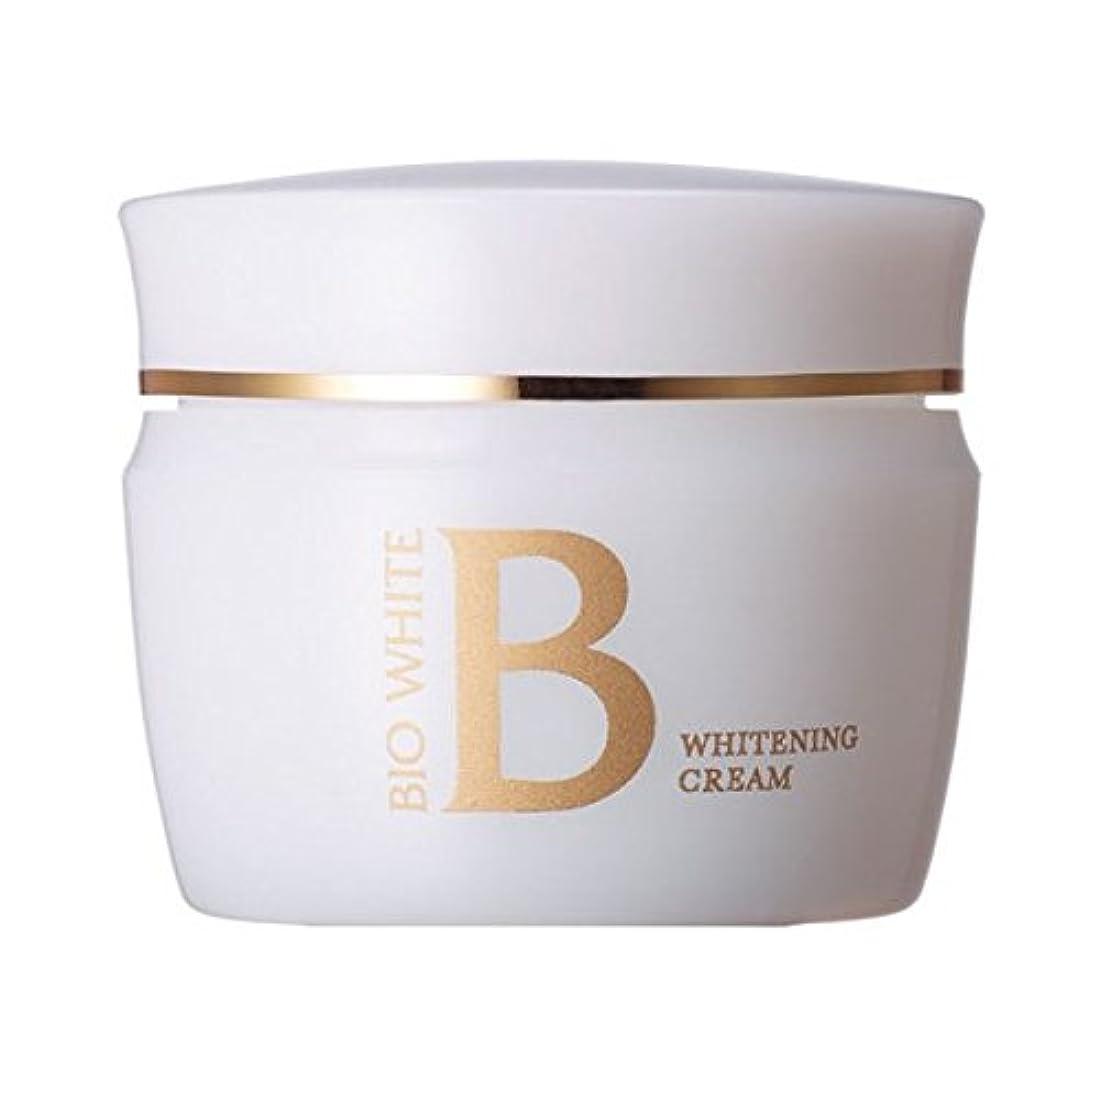 永久日付付き正規化エビス化粧品(EBiS) ビーホワイトクリーム40g トラネキサム酸配合 美白クリーム フェイスクリーム